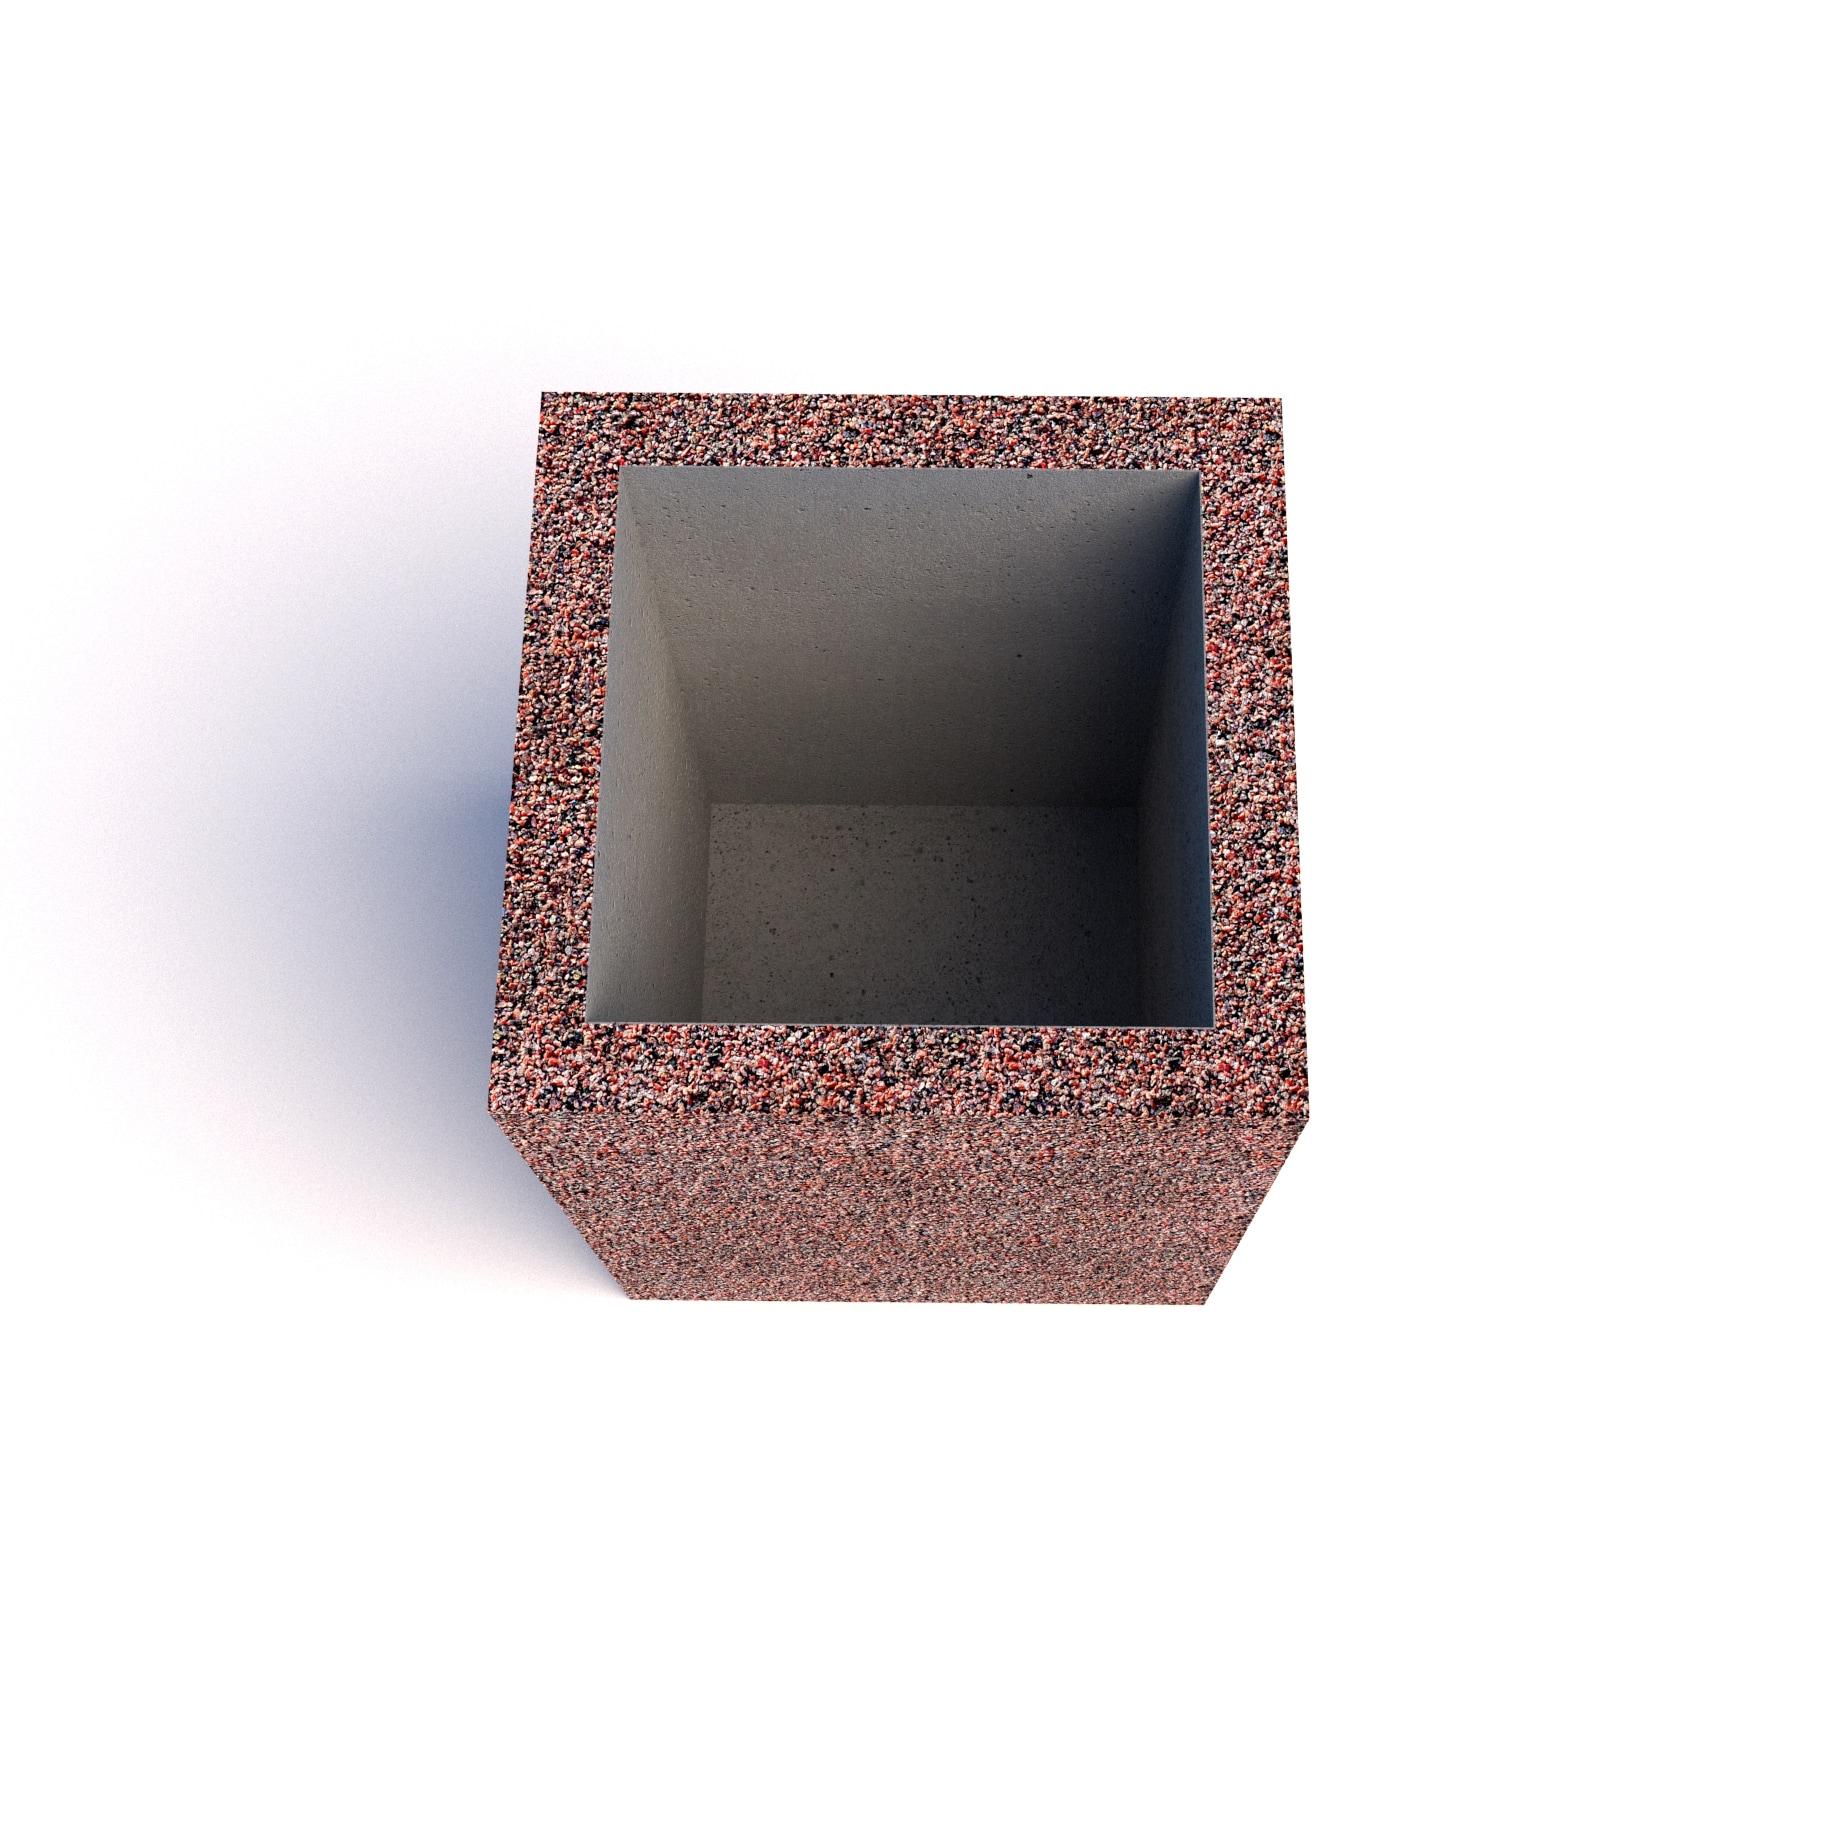 Купить вазон для цветов из бетона новосибирск купить бетон купить 300